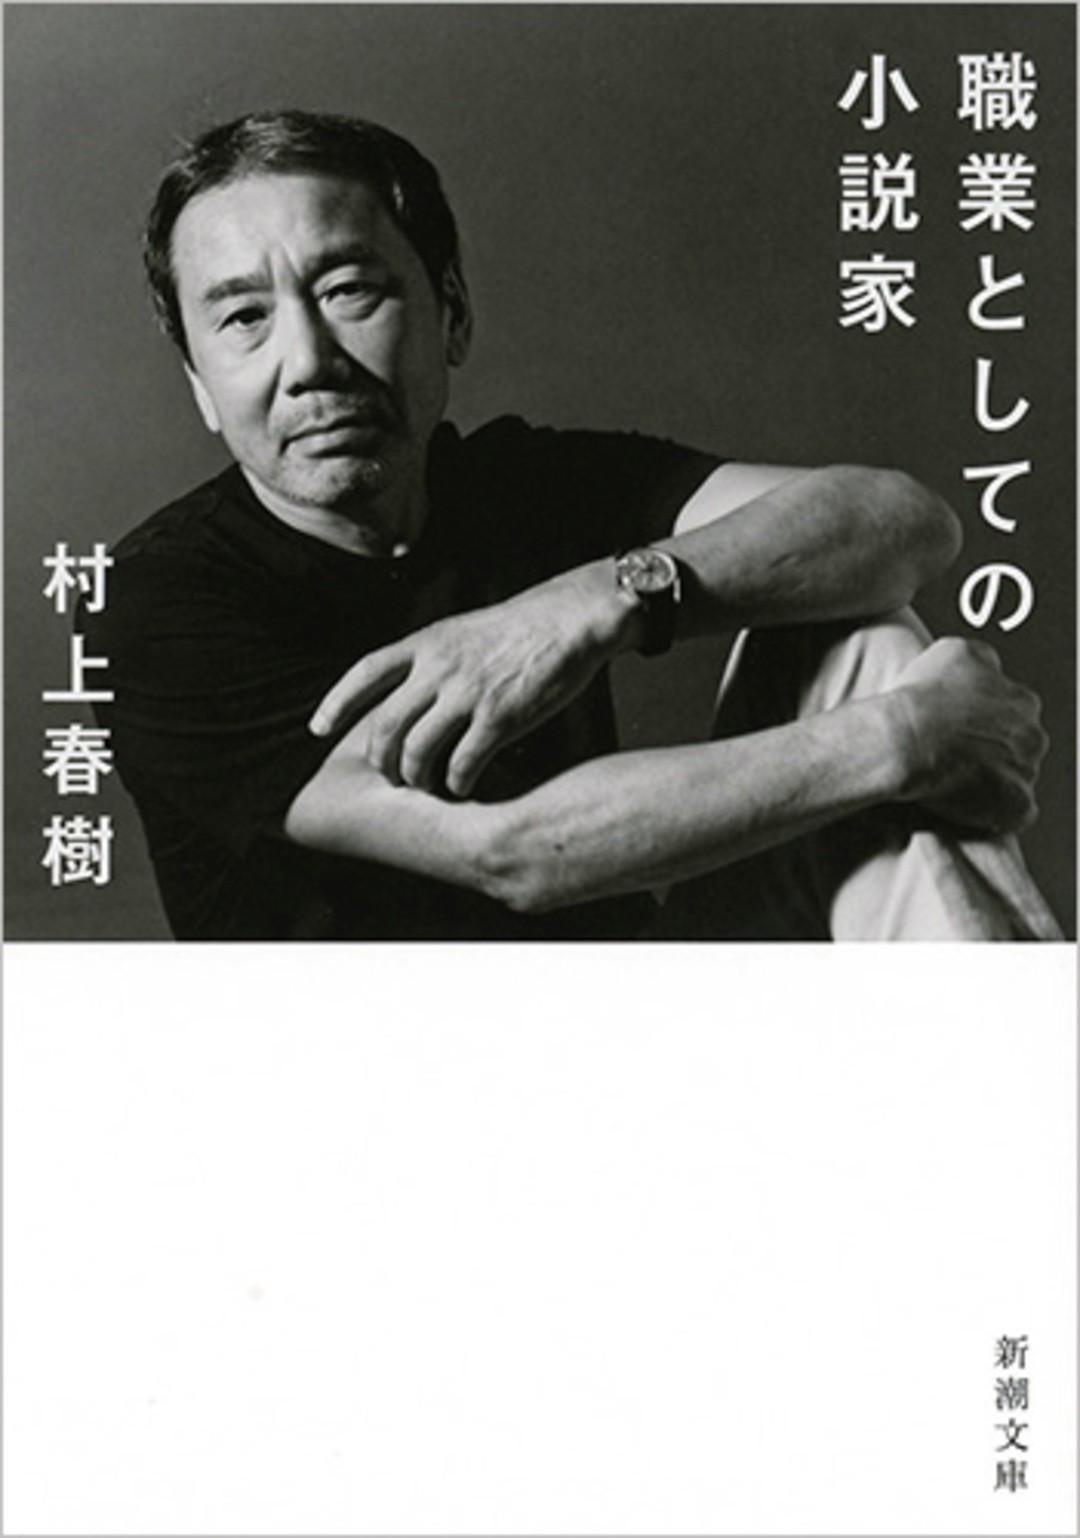 日本を代表する作家さん、どんなこと考えてる?